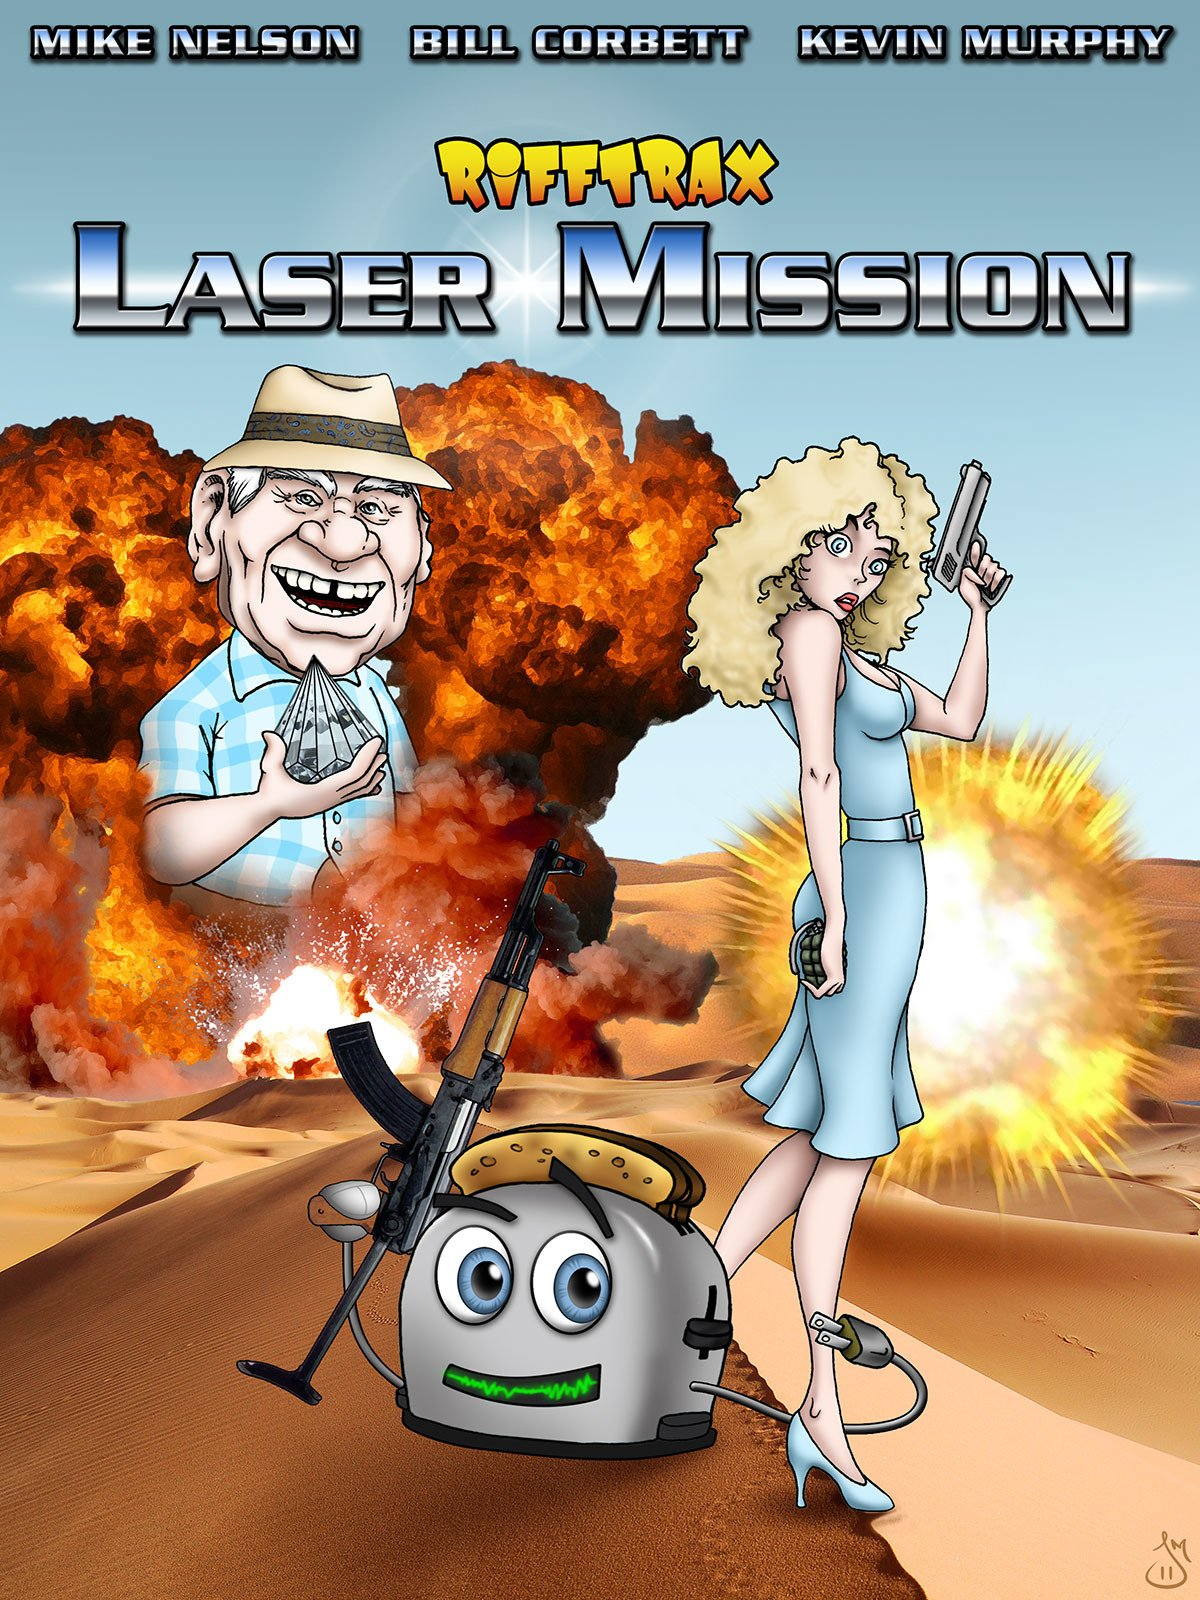 RiffTrax: Laser Mission